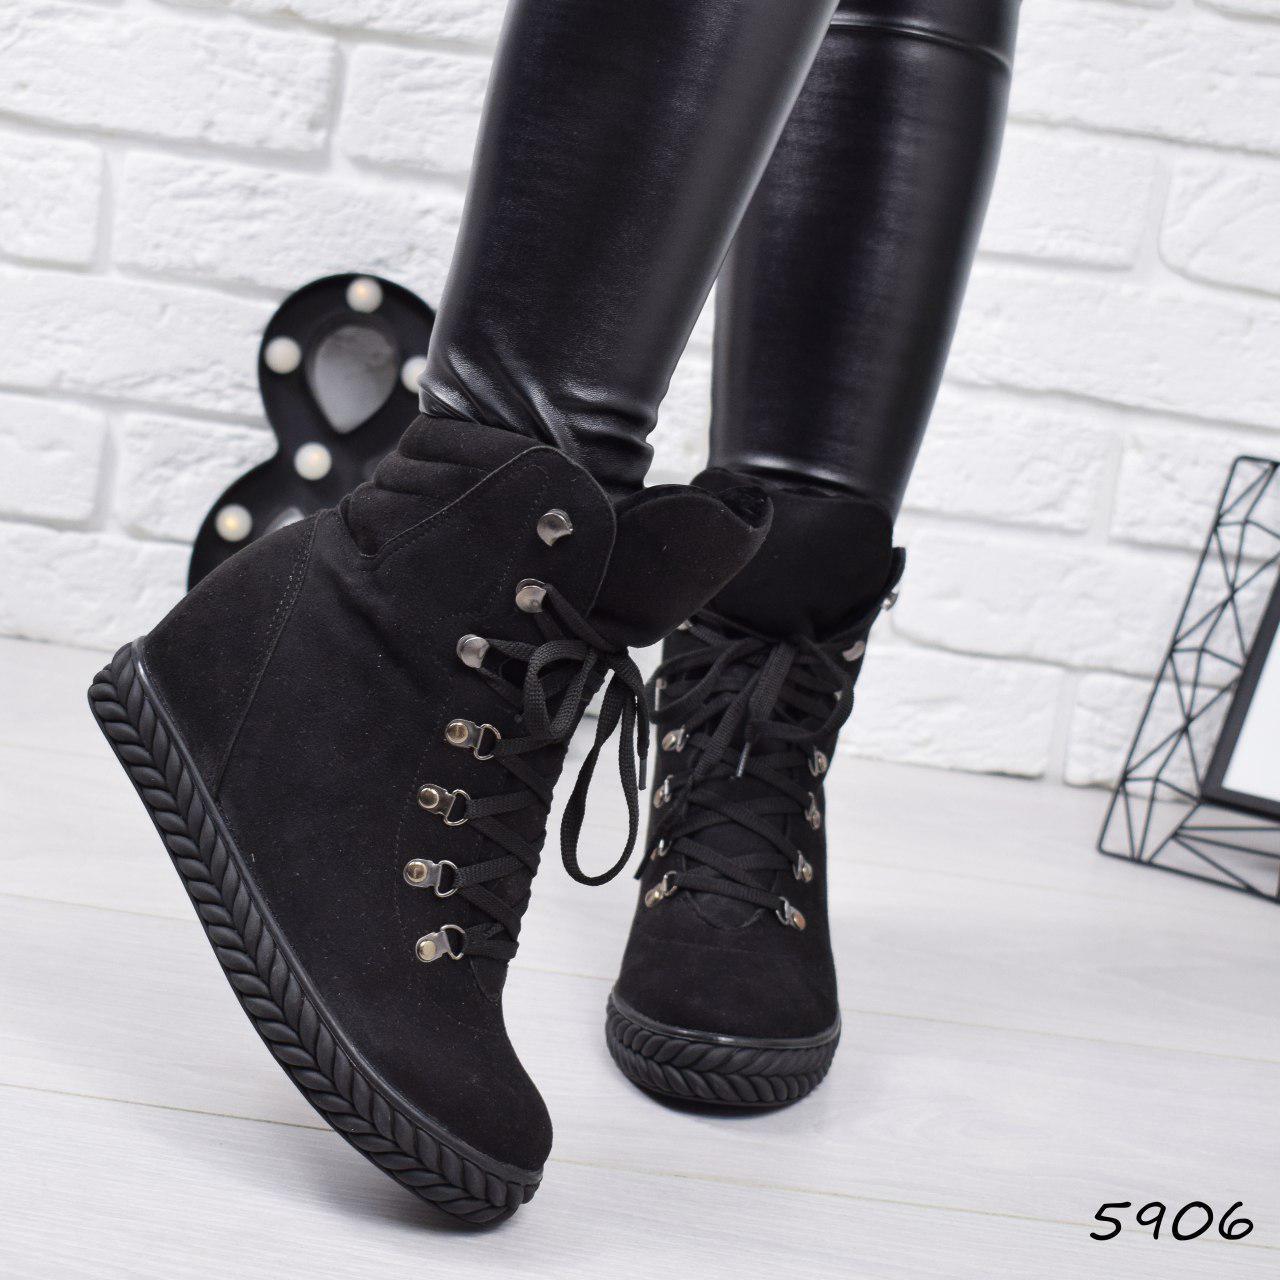 527e89d06a97 Ботинки, сникерсы черные демисезонные